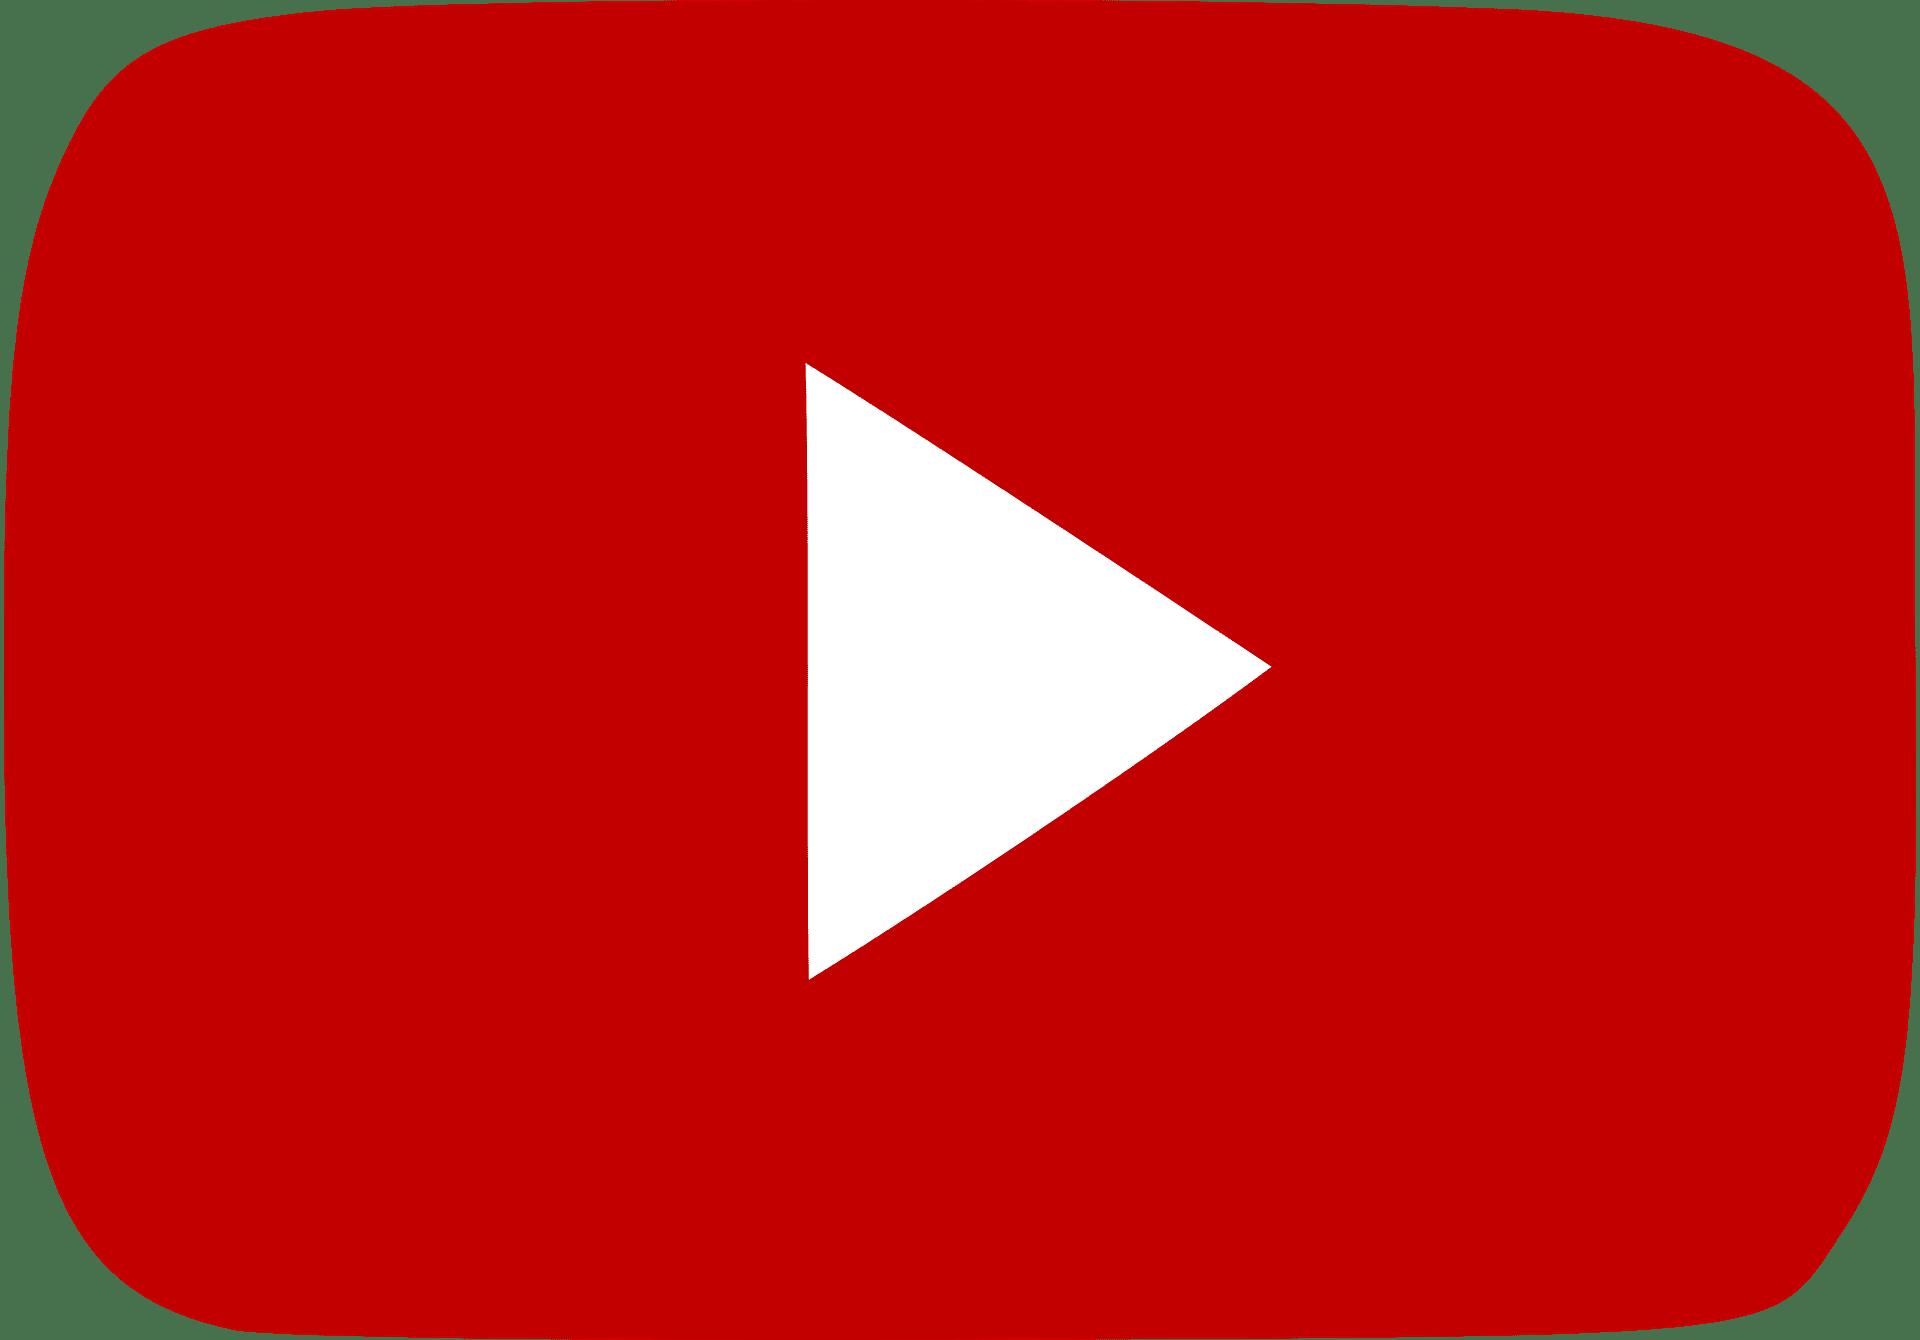 أفضل 3 تطبيقات تنزيل الفيديوهات من اليوتيوب 2020 مفيد تطبيقات